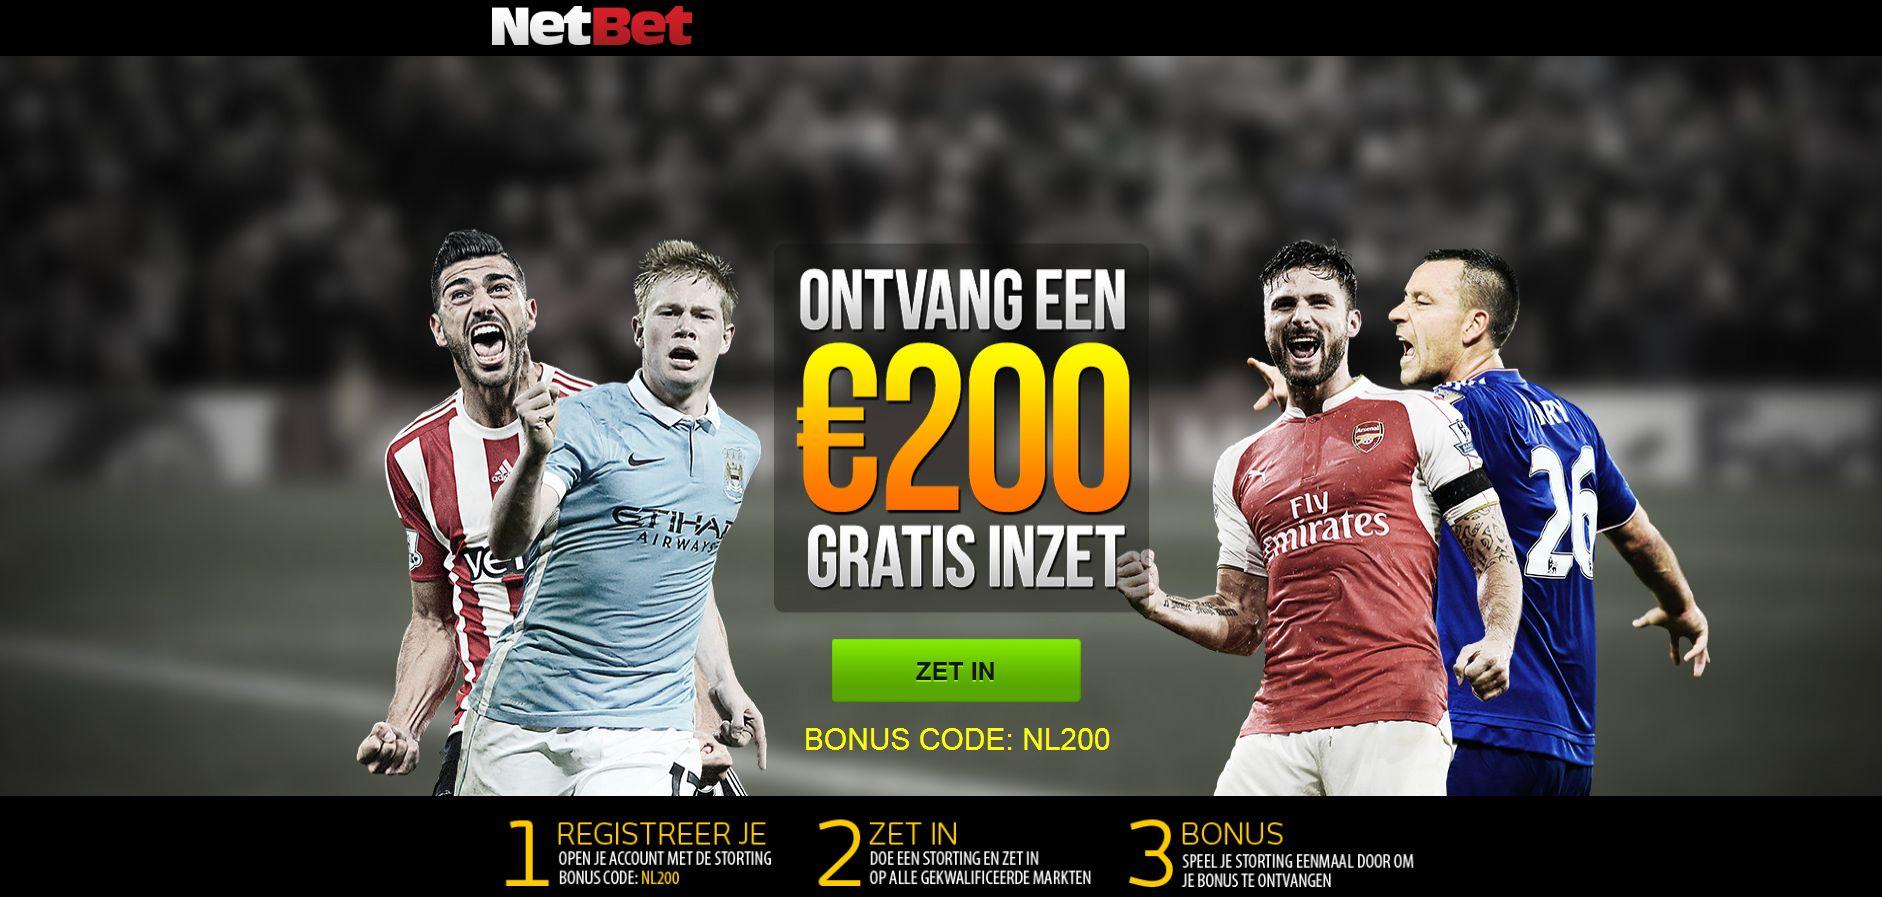 netbet bonus code 200 euro